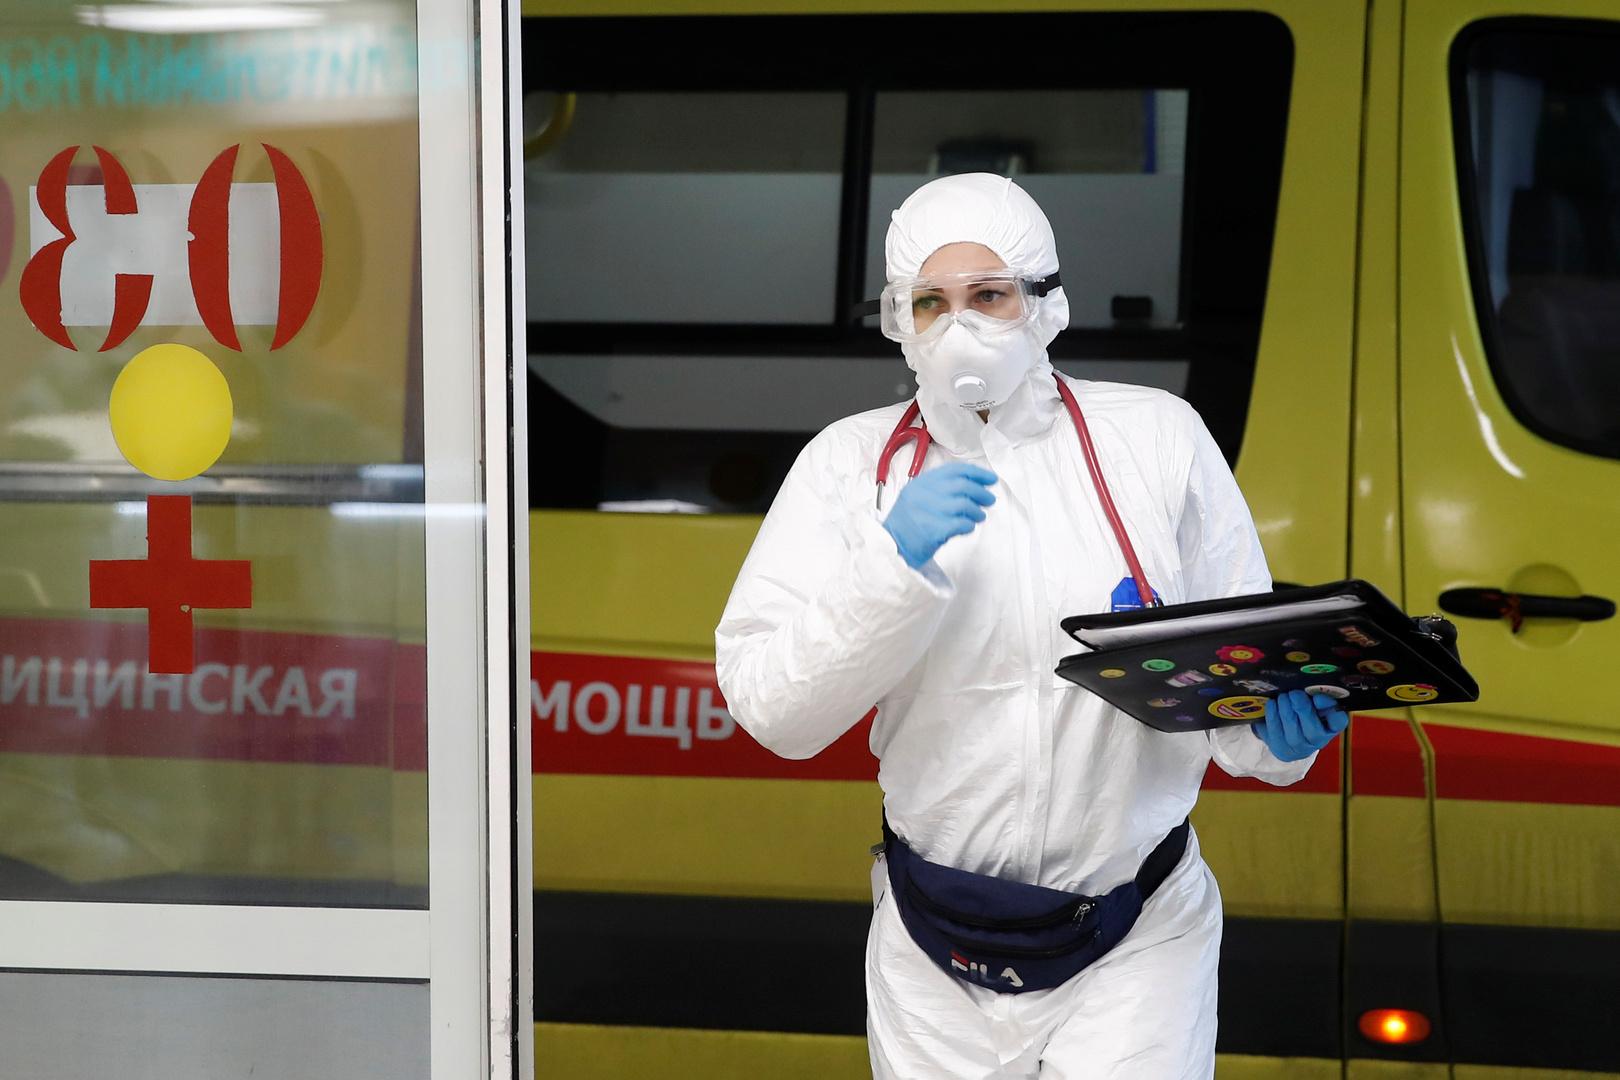 تراجع الإصابات بفيروس كورونا في روسيا وتسجيل أقل حصيلة يومية منذ نوفمبر الماضي